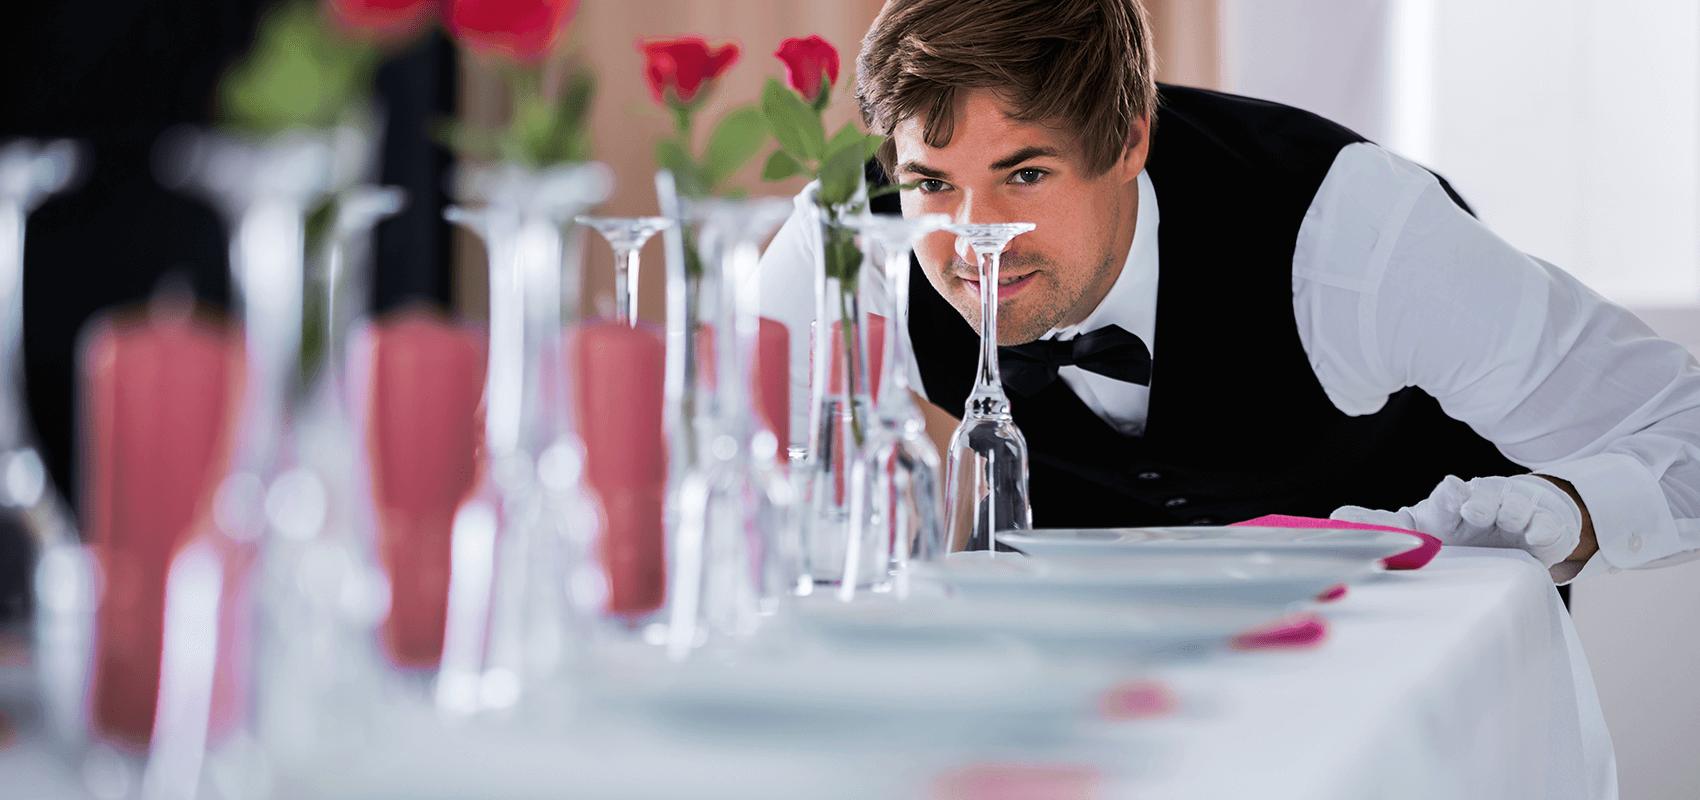 Kellner überprüft den gedeckten Tisch